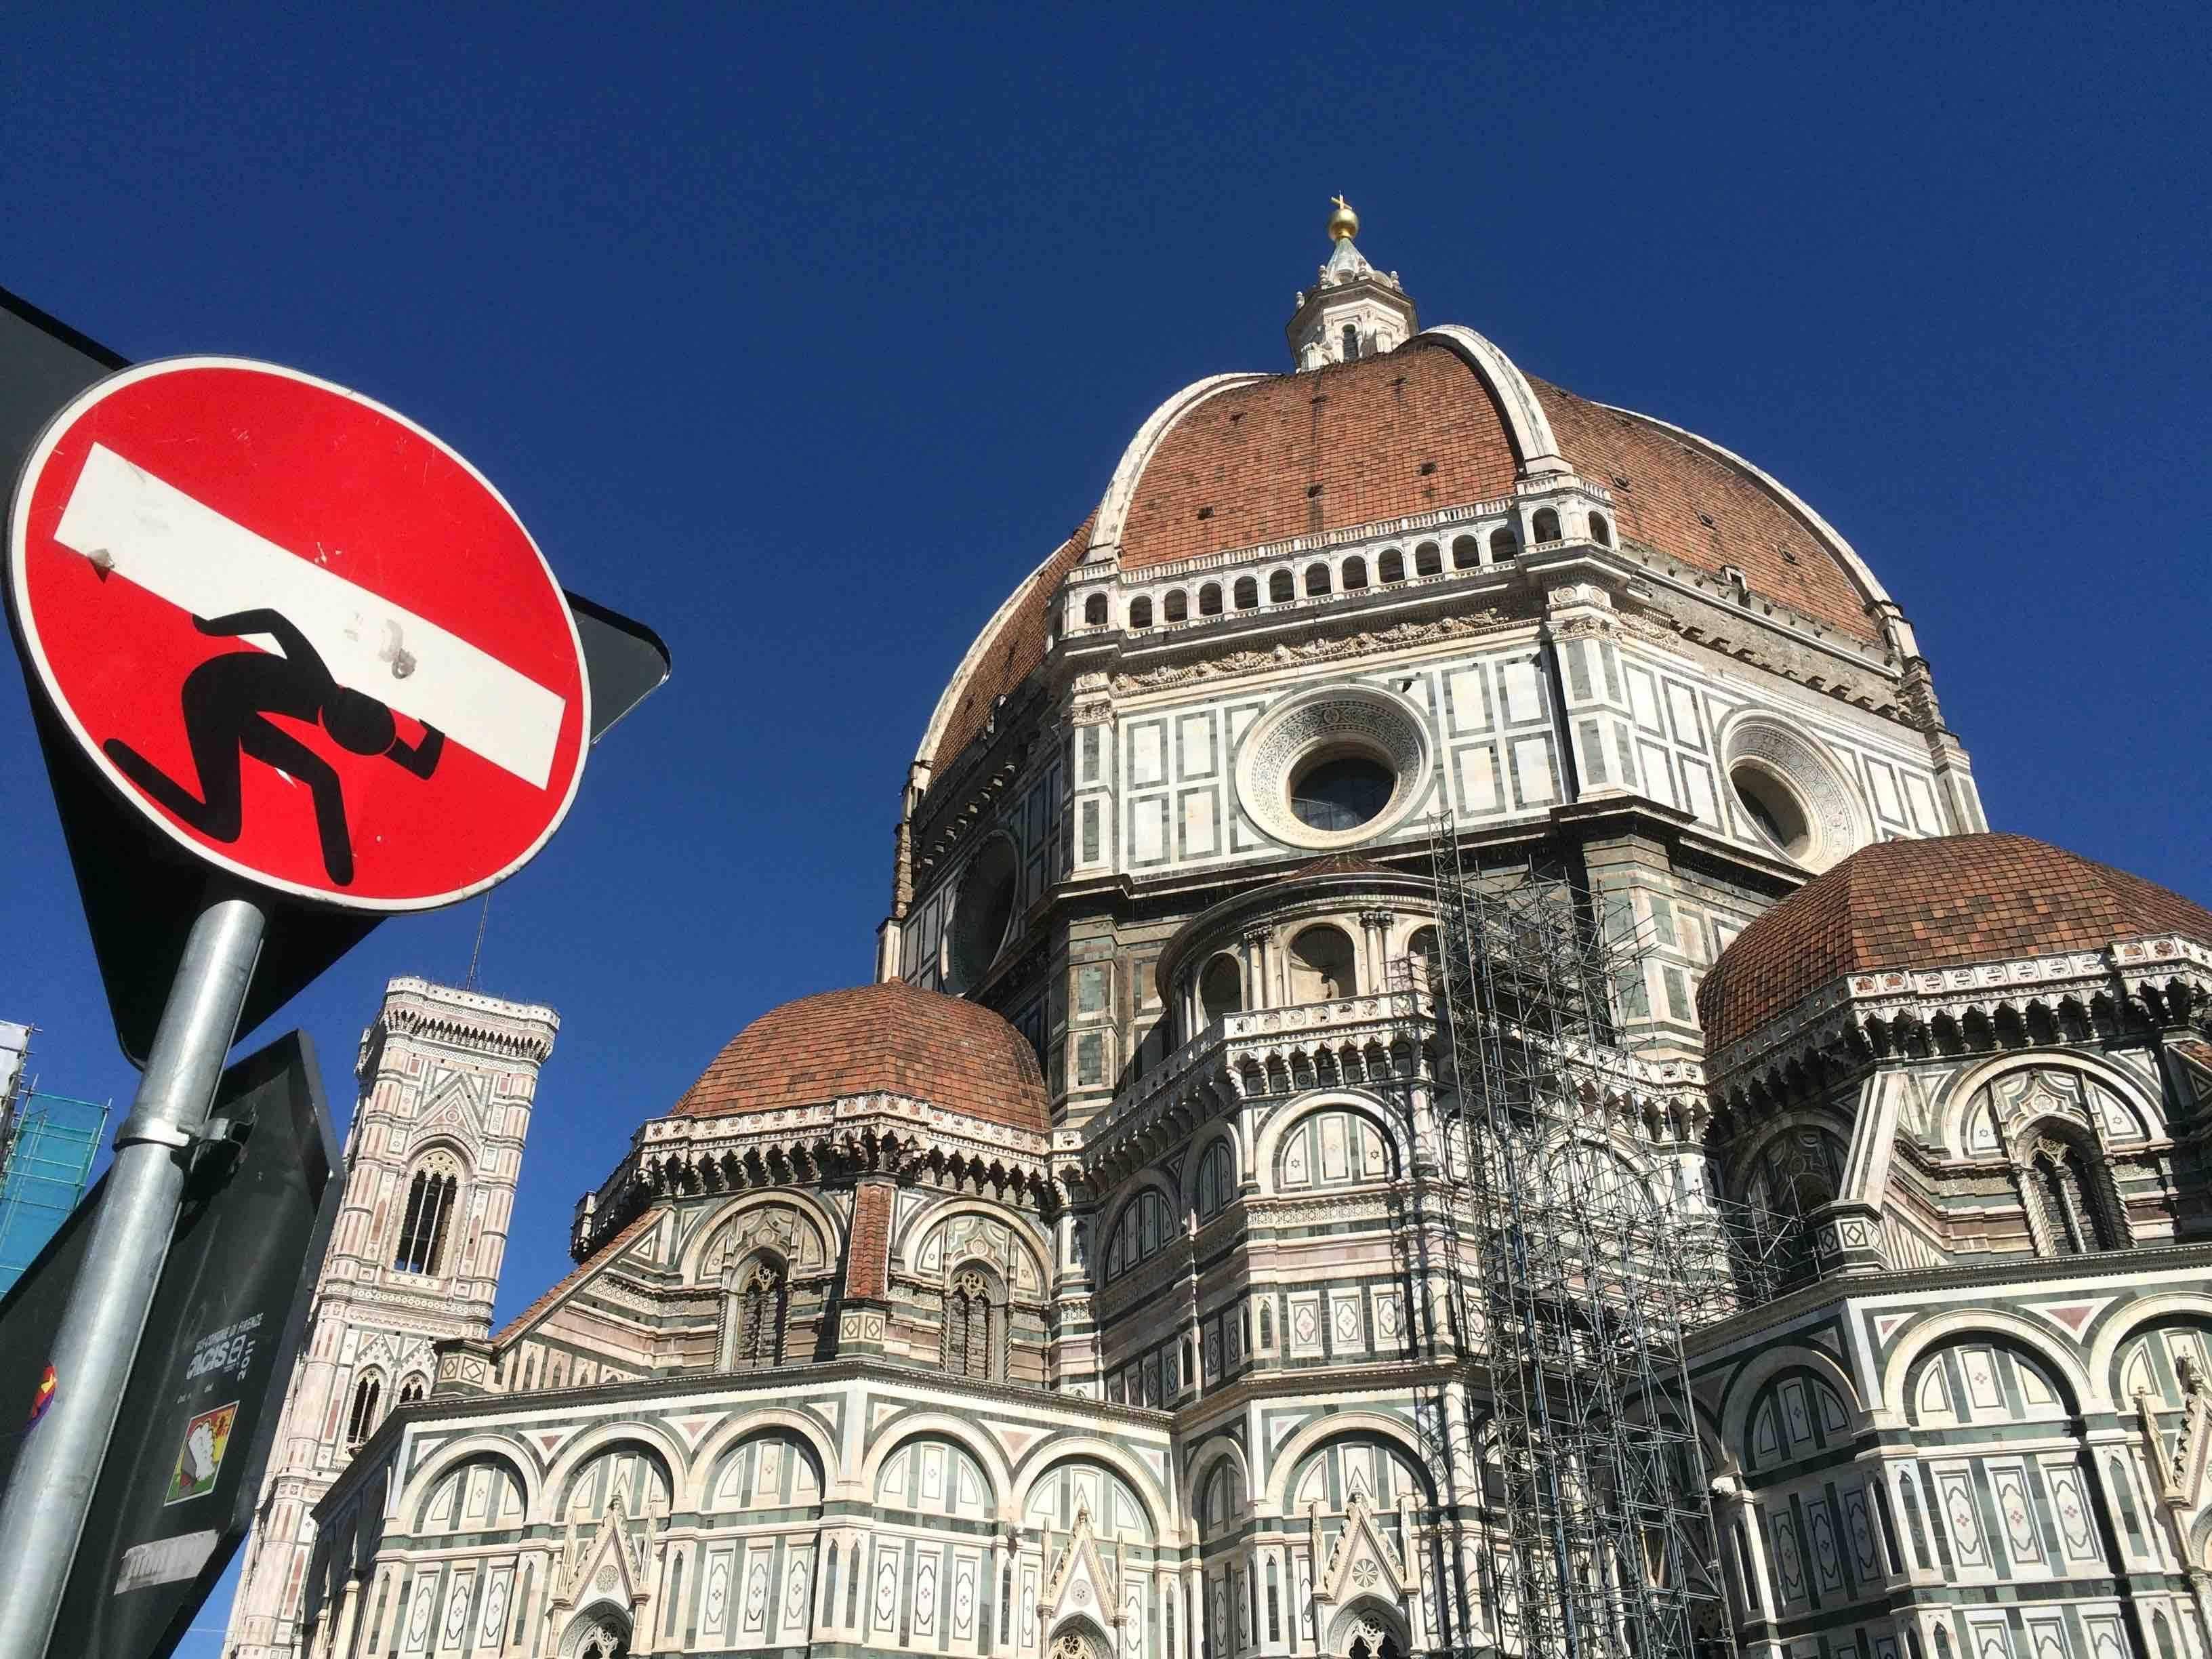 Dom in Florenz und Verkehrsschild mit Aufkleber von Clet